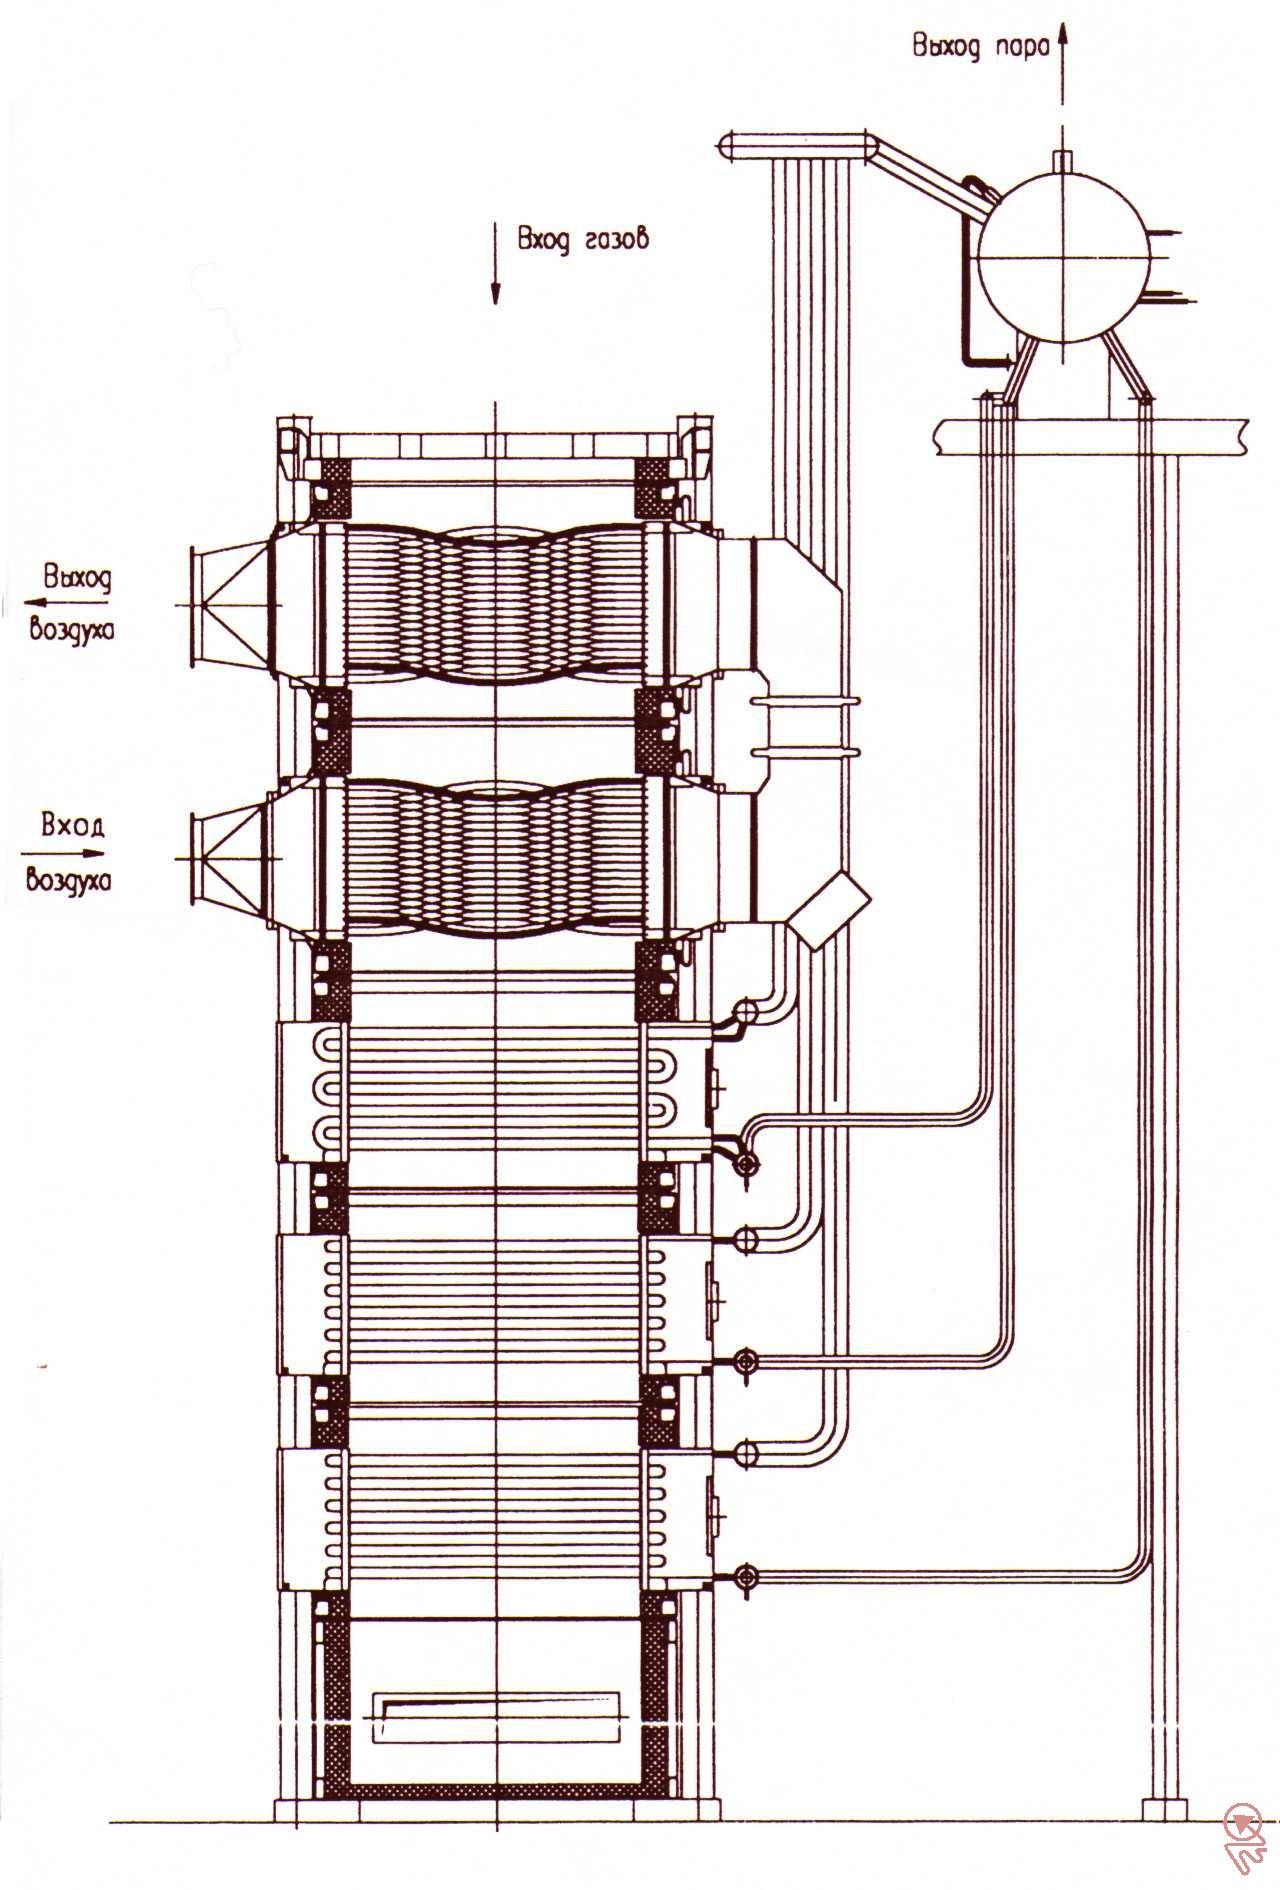 Principe de fonctionnement du chauffage central au gaz for Chauffage central a gaz